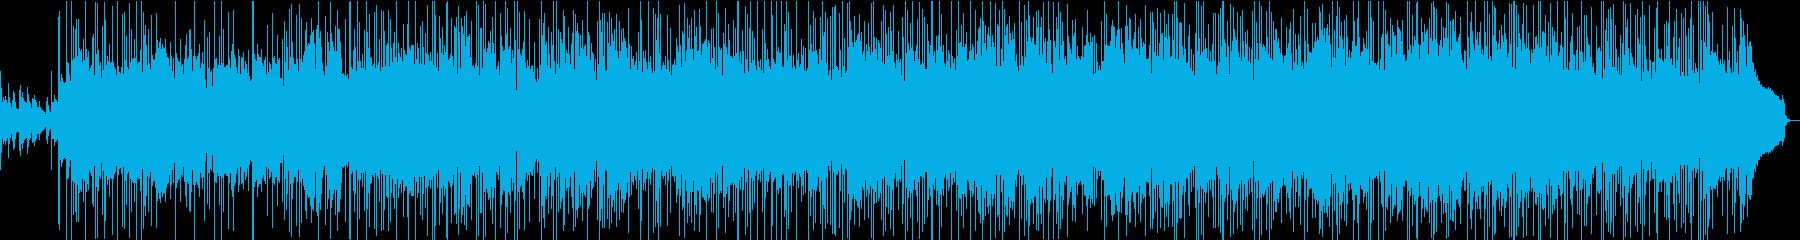 英詞、懐古じわじわオトナのロックバラードの再生済みの波形